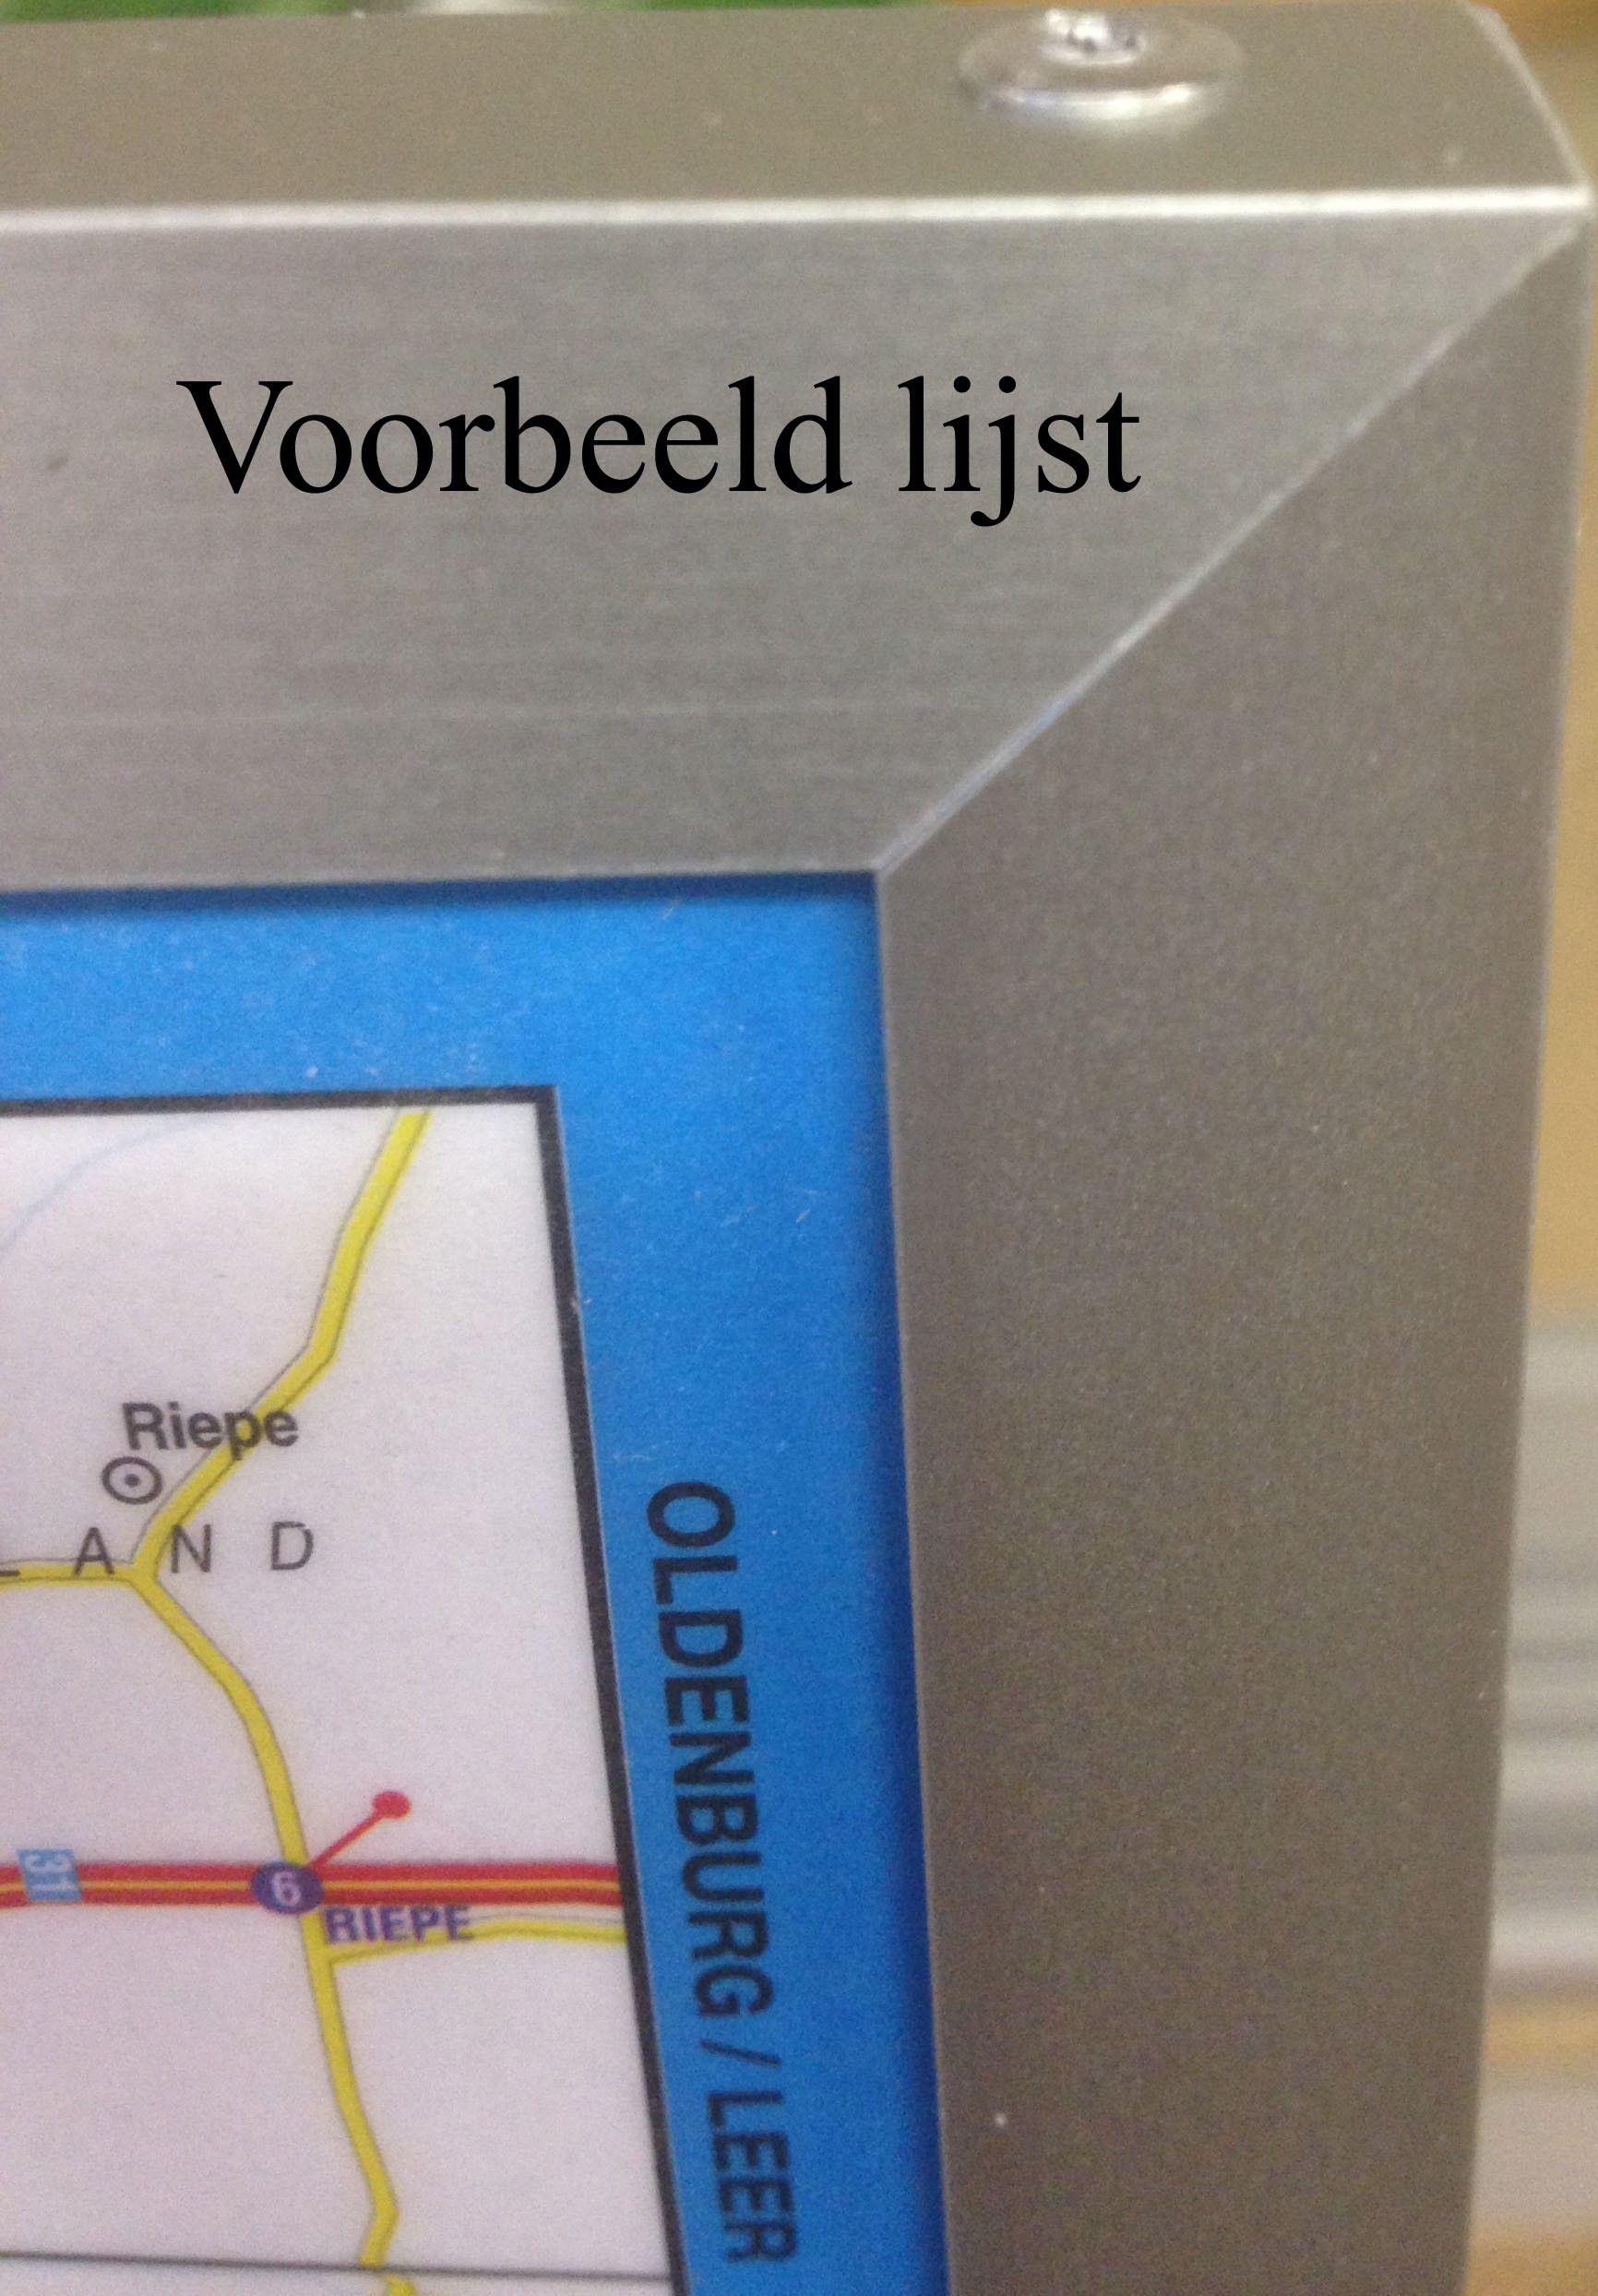 Provincie kaart Utrecht